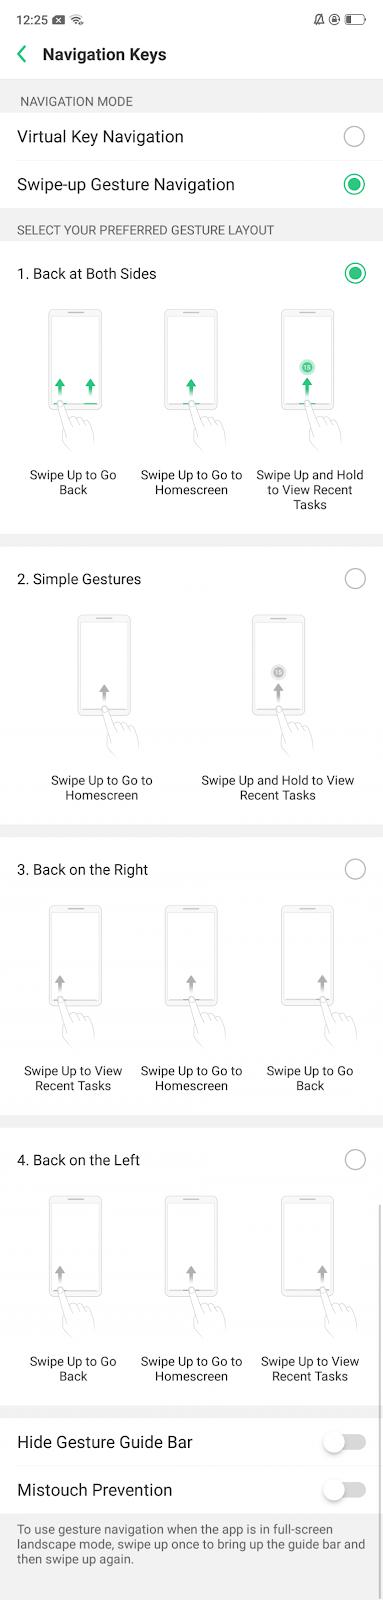 Cara Mengaktifkan Navigasi Gerakan di Realme 2 Pro